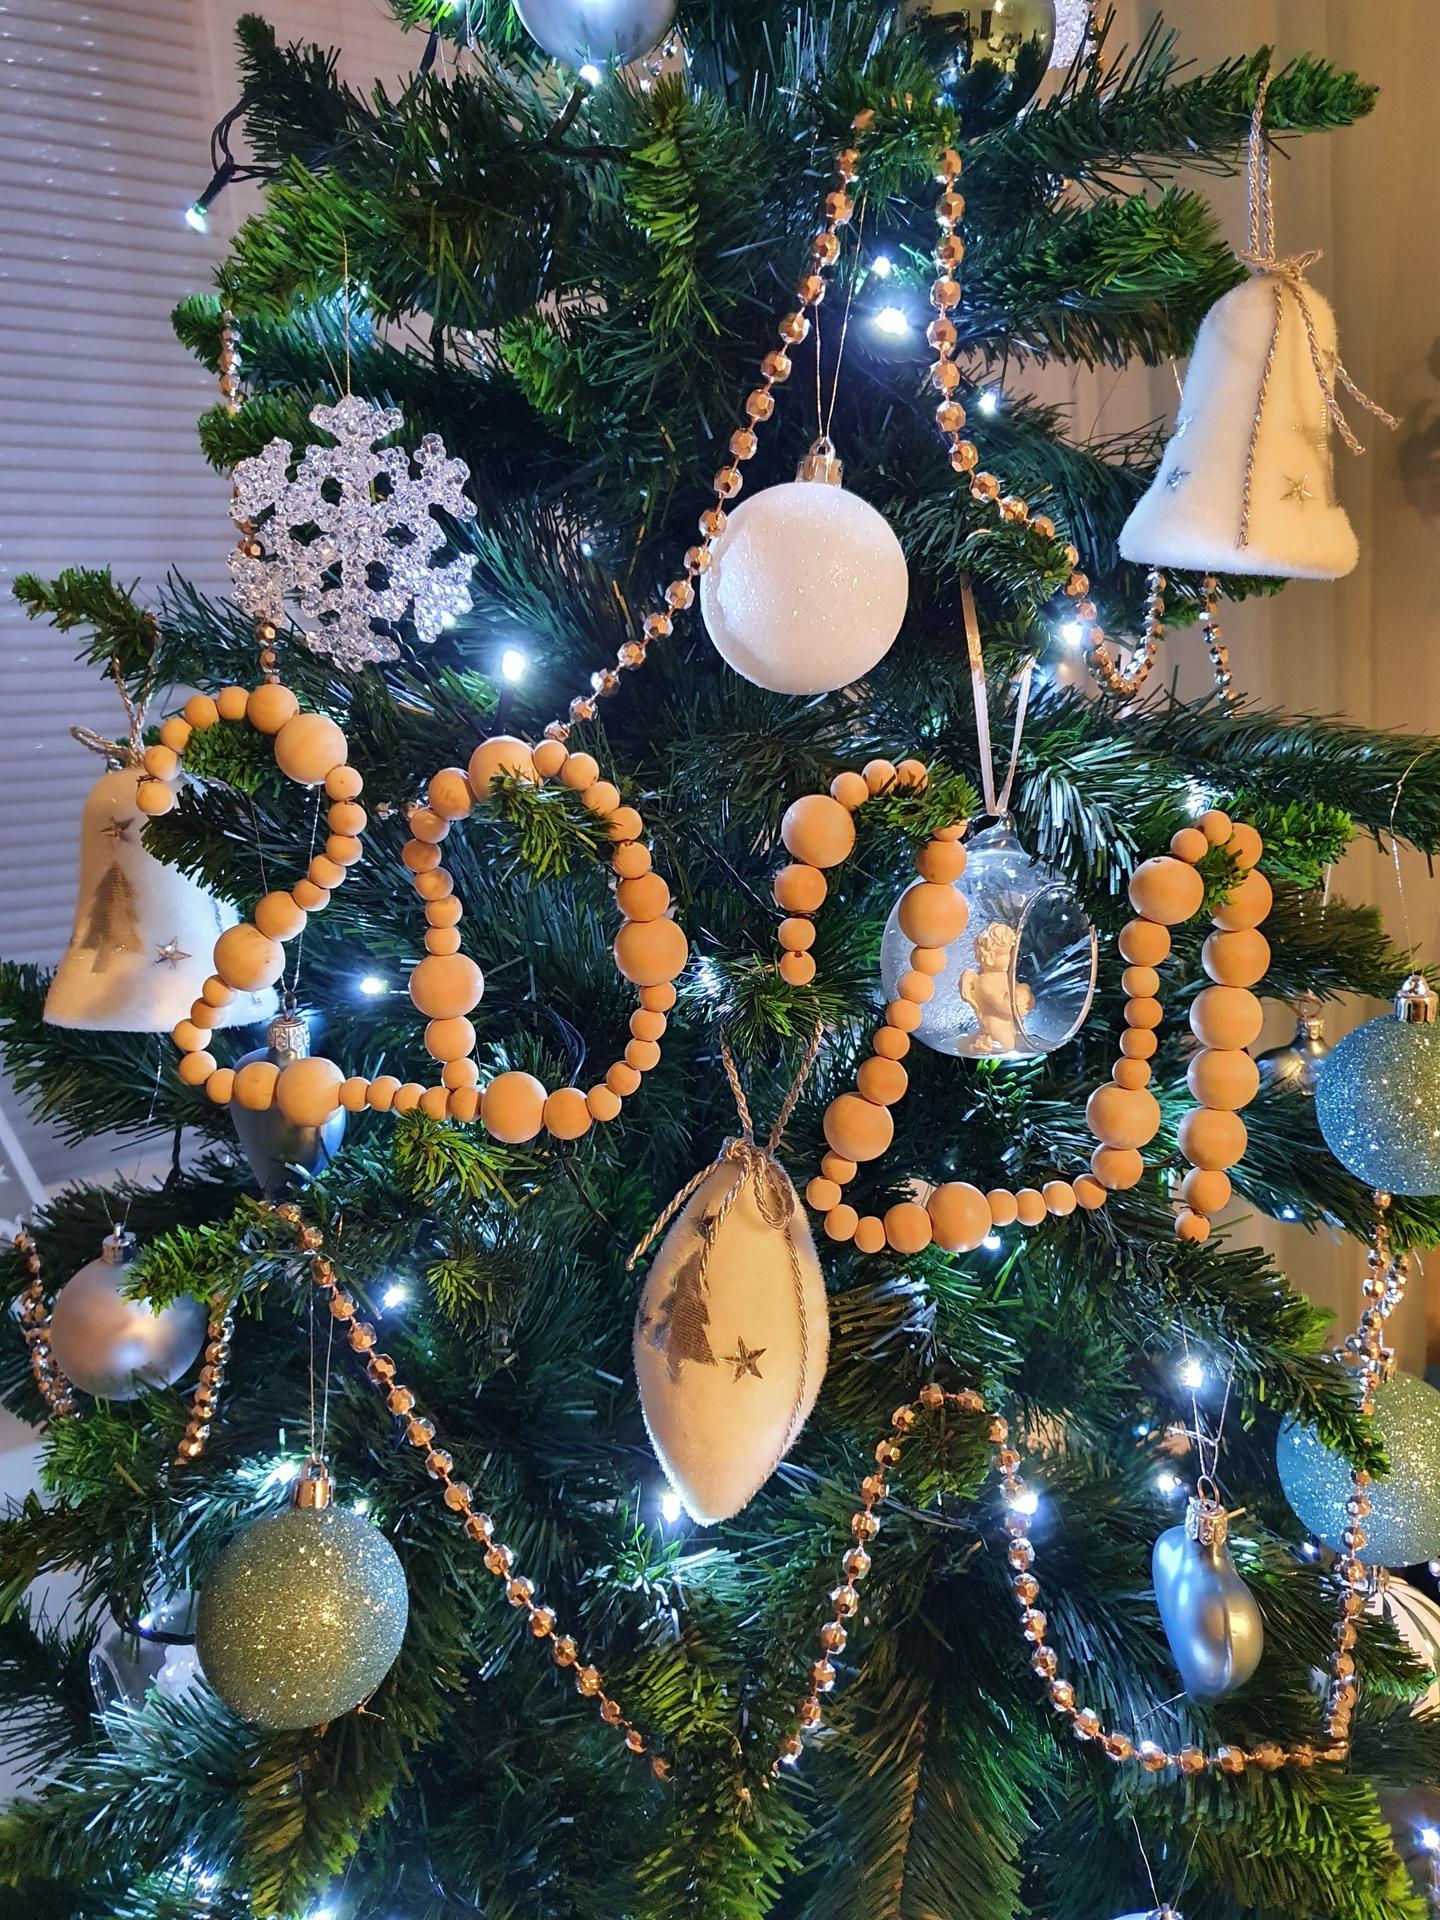 Vianočné dekorácie/Vianočná inšpirácia - Obrázok č. 20